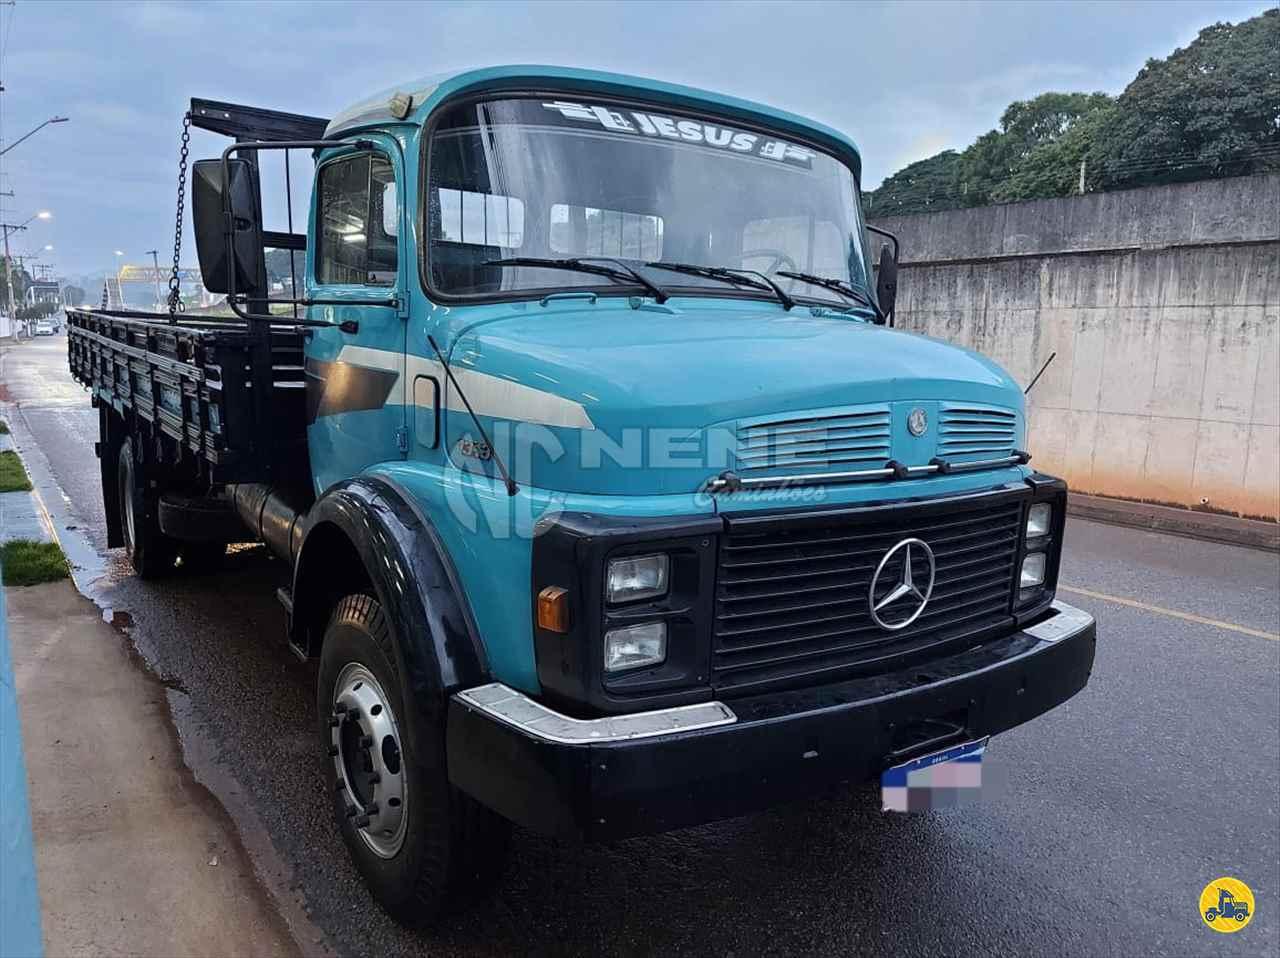 CAMINHAO MERCEDES-BENZ MB 1313 Carga Seca Toco 4x2 Nene Caminhões SAO JOAO DA BOA VISTA SÃO PAULO SP